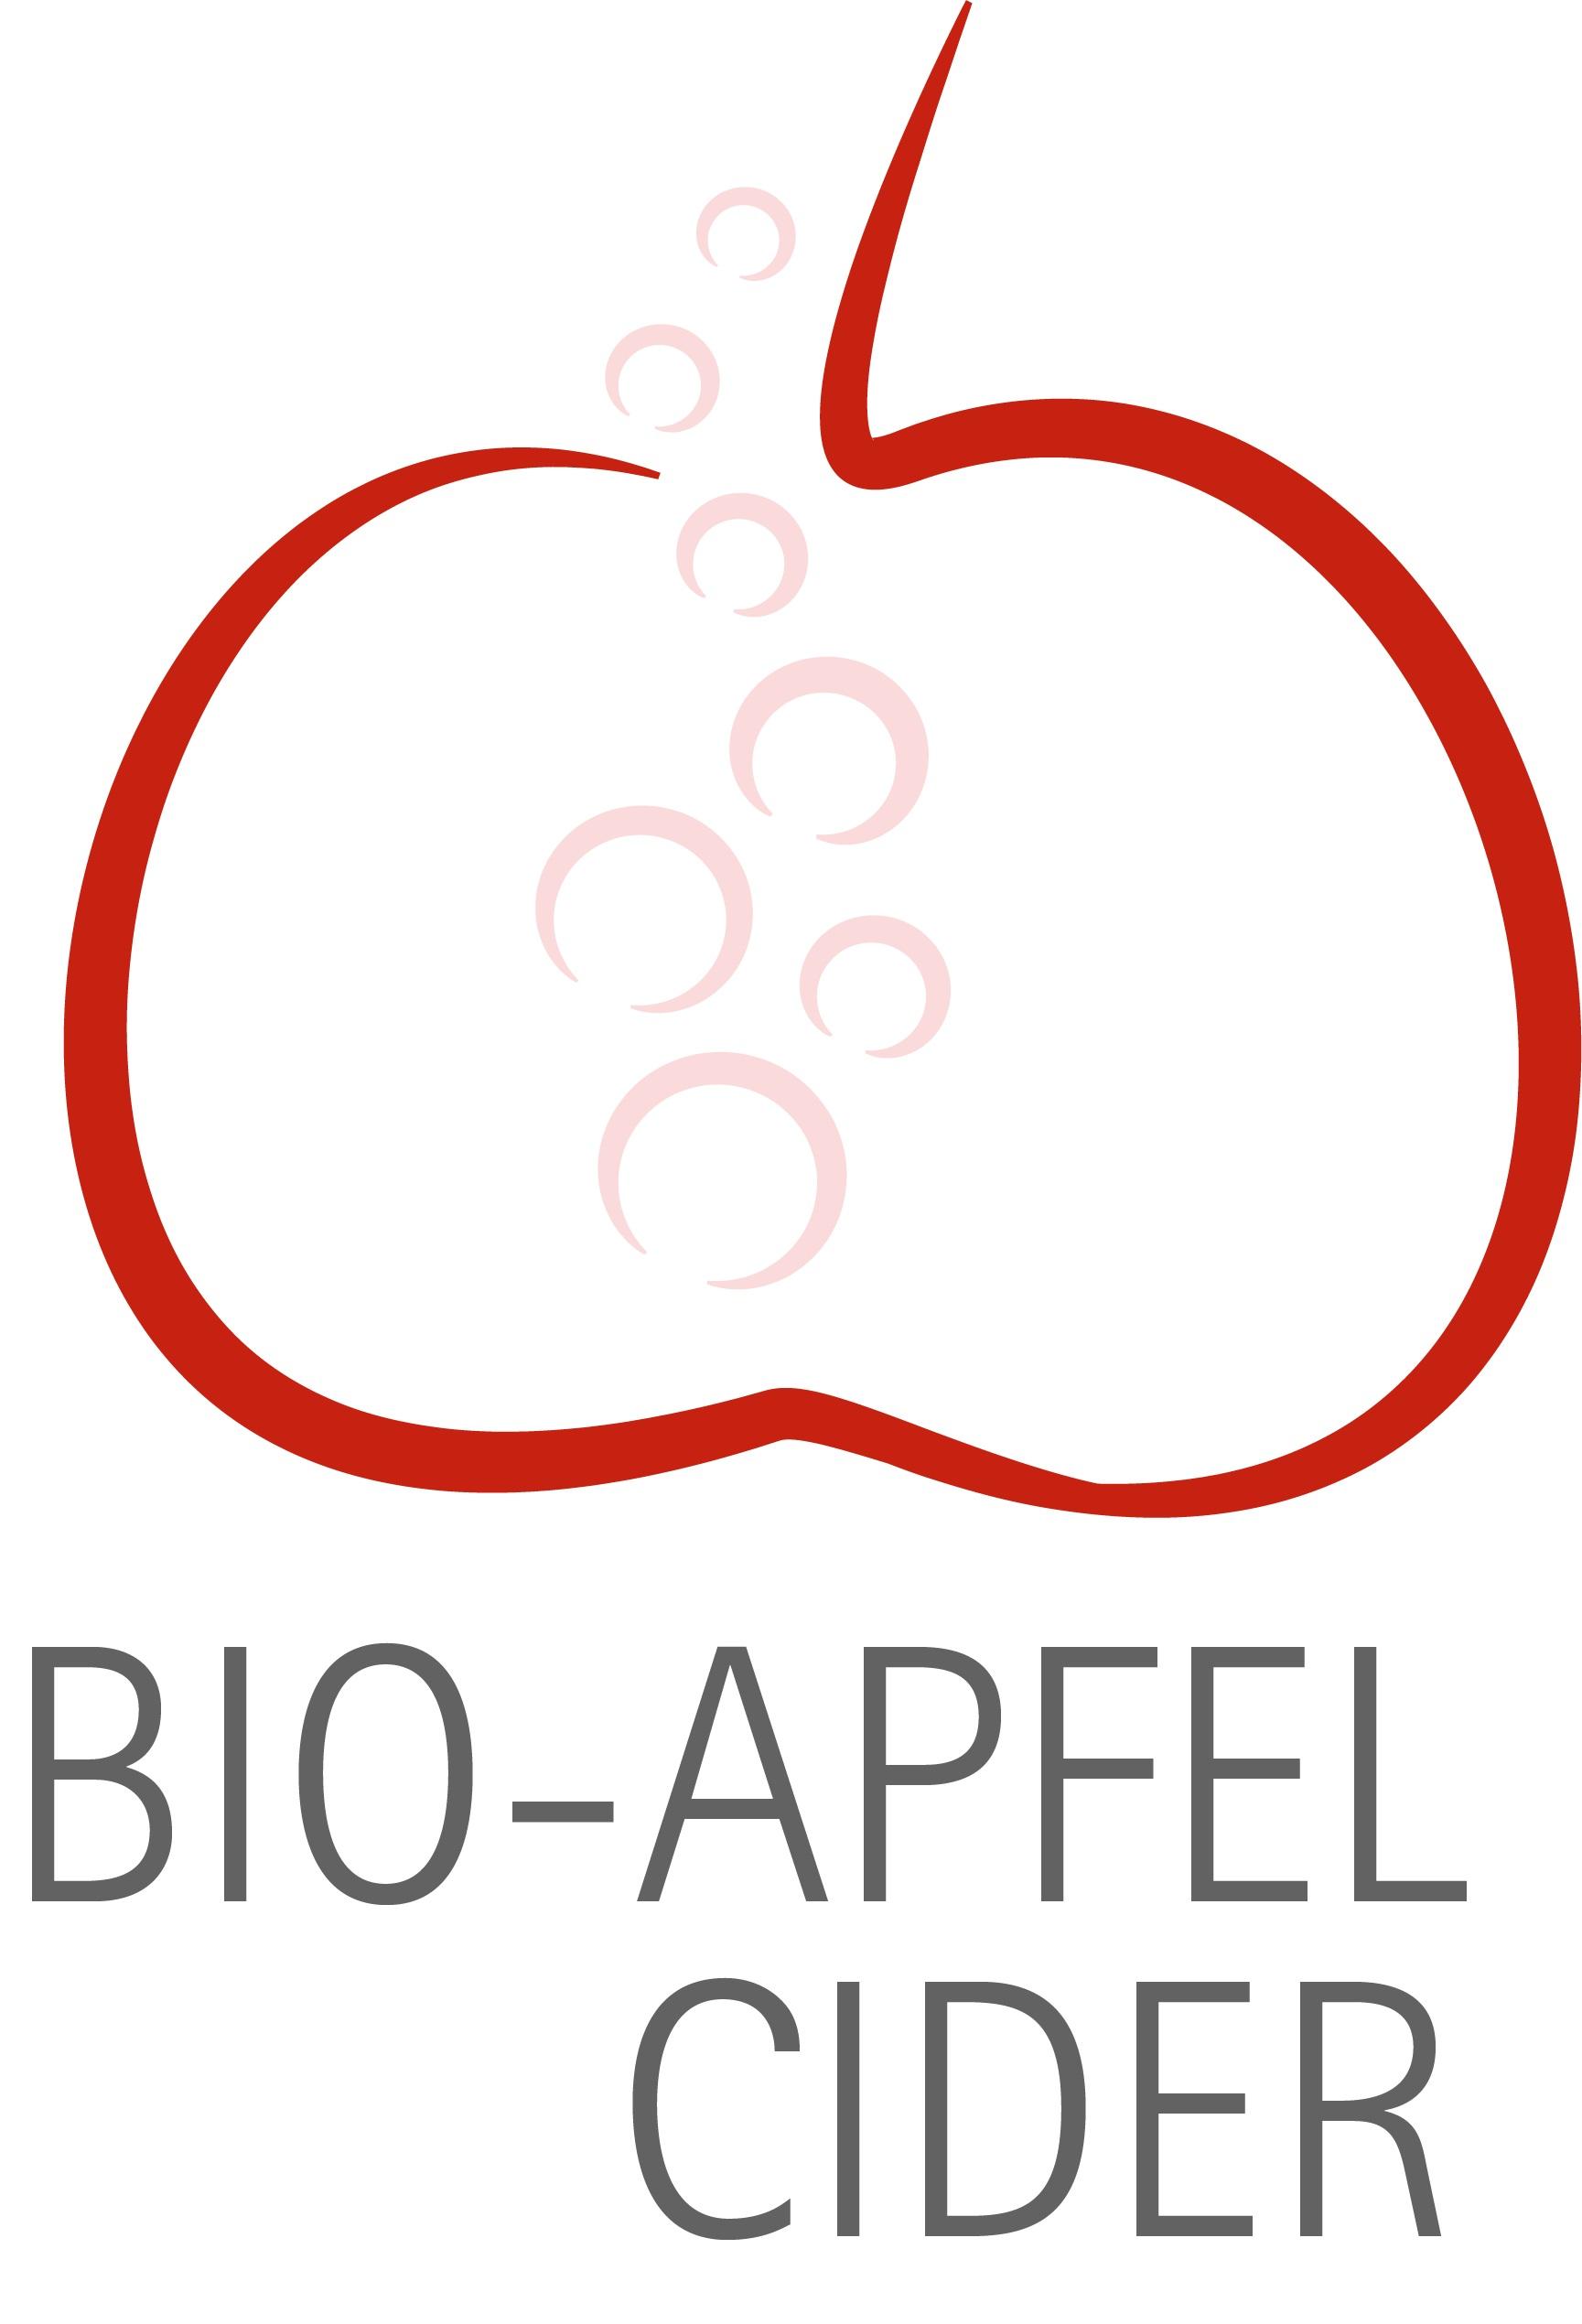 schweighofer_produktlogos-cider-apfel_201218